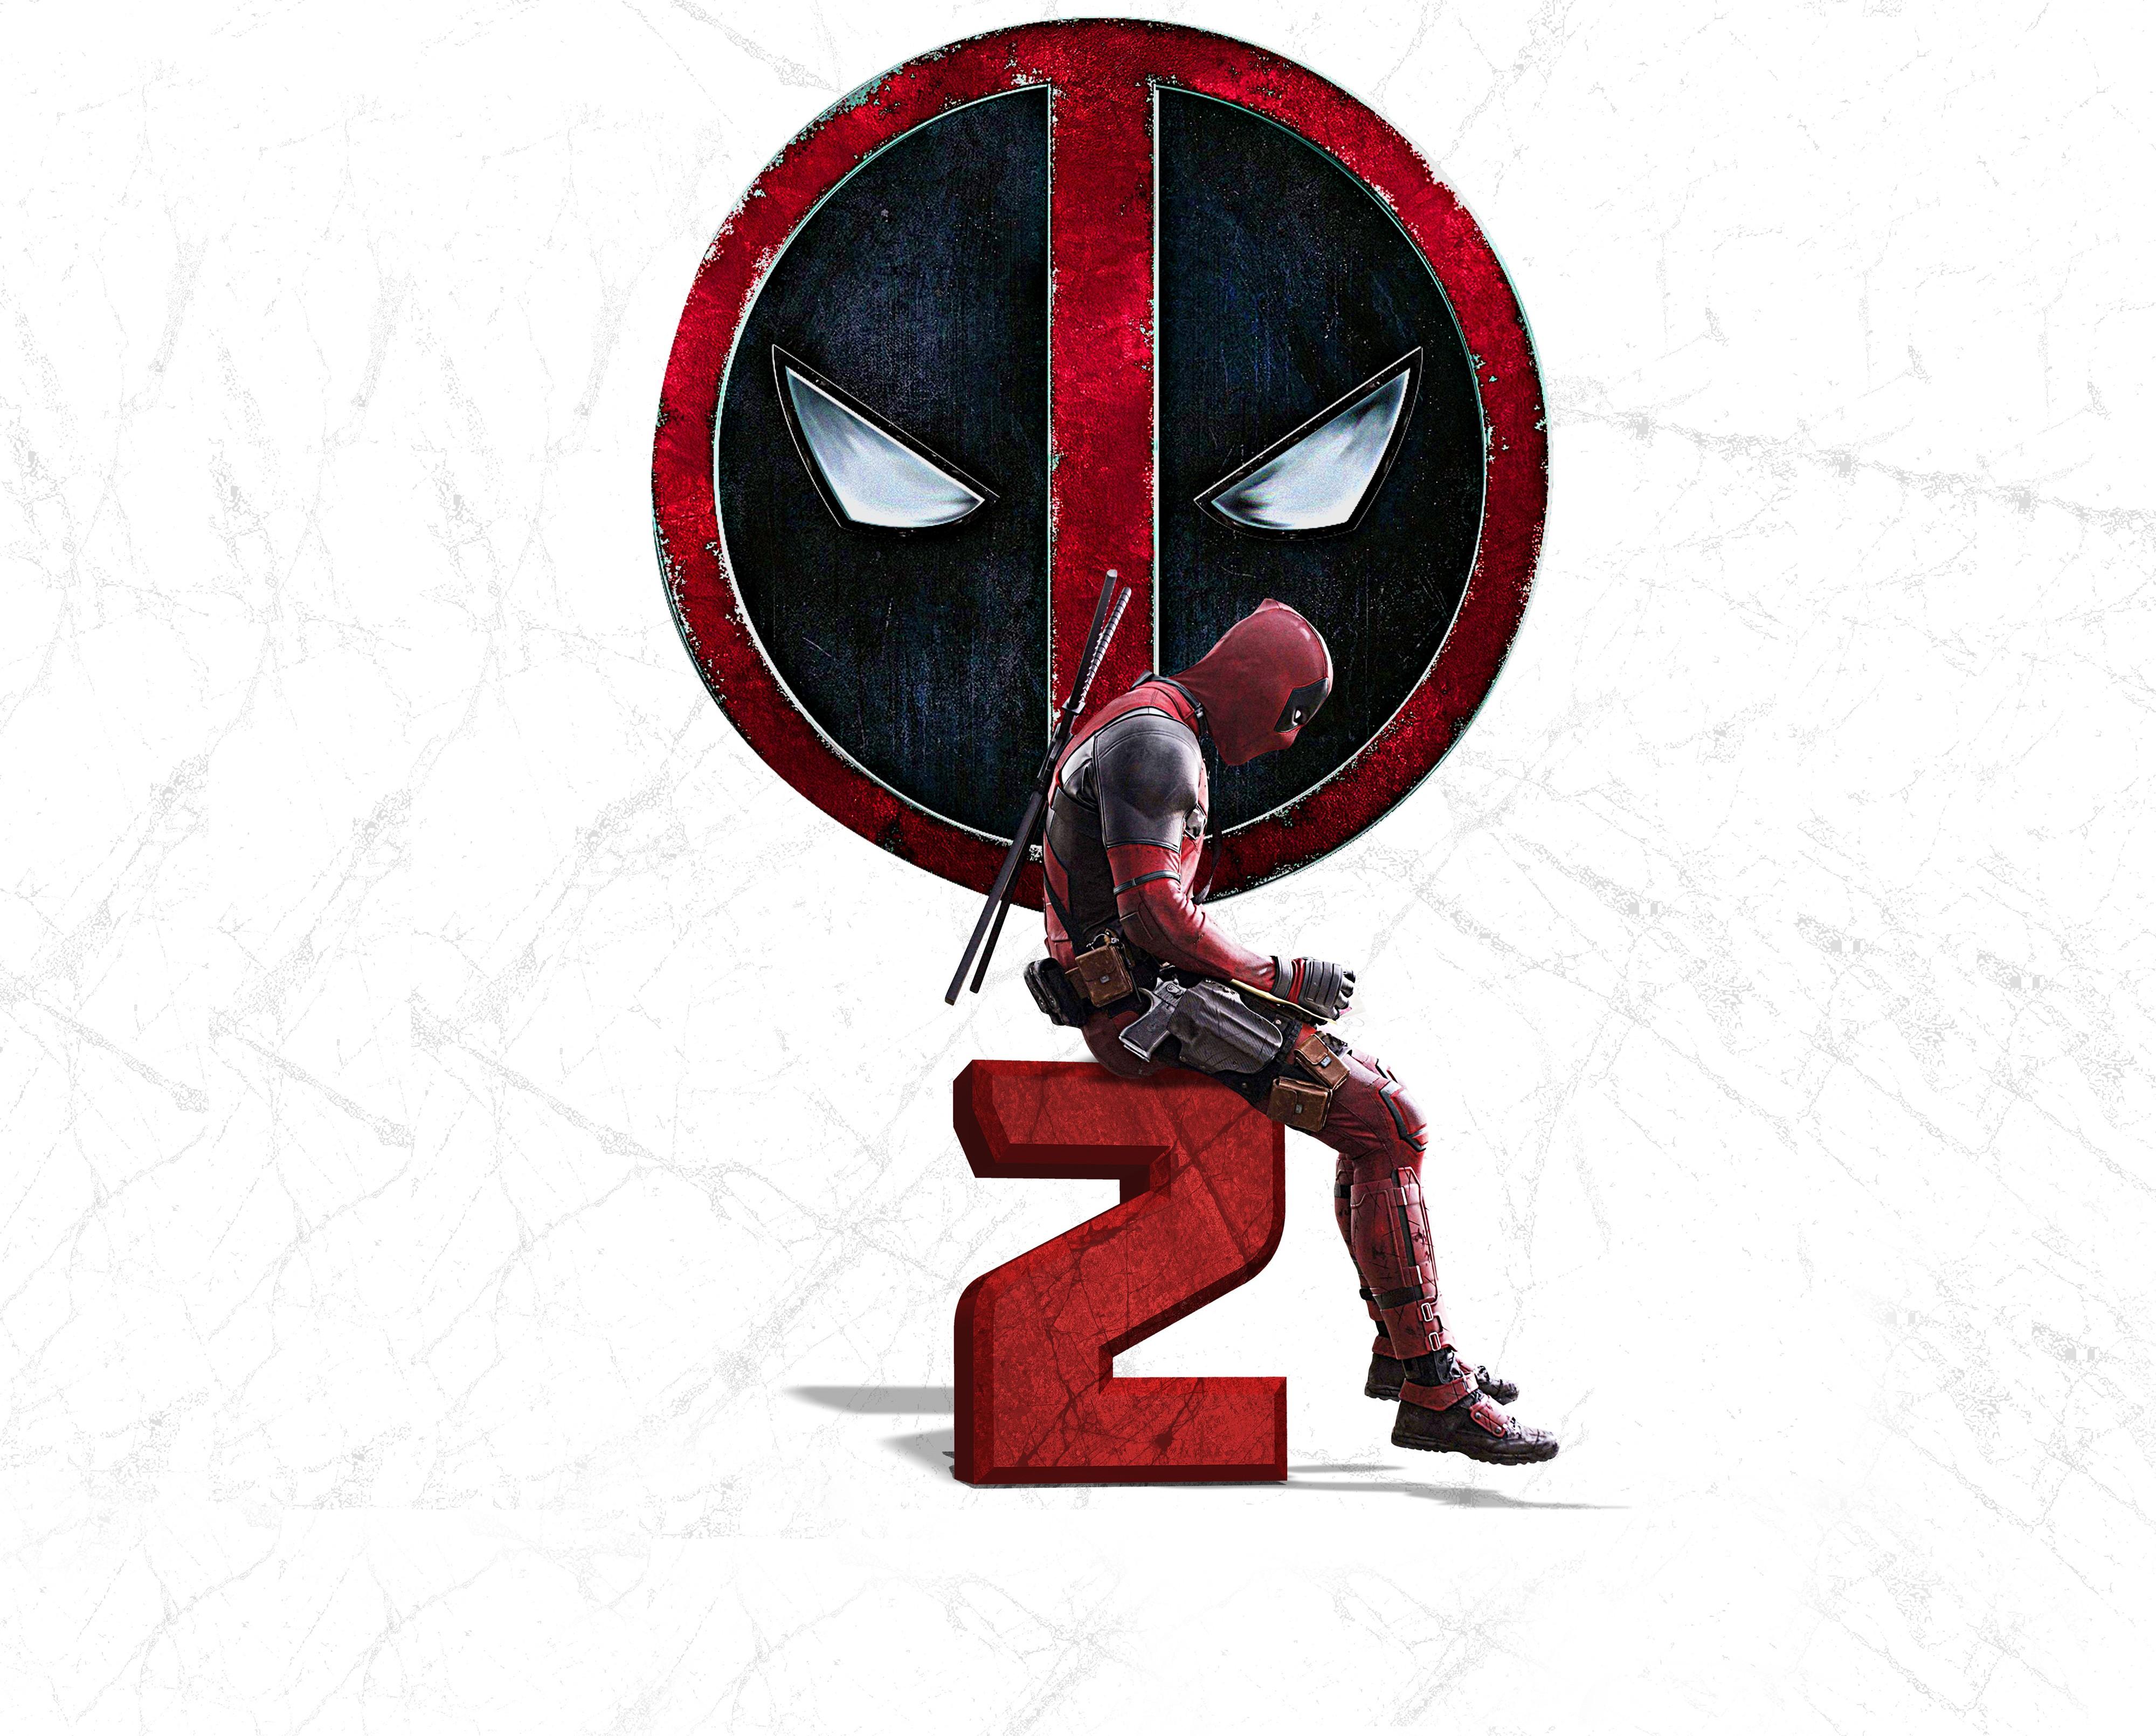 2048x2048 Deadpool 2 Movie Poster 4k Ipad Air Hd 4k: 1440x2560 Deadpool 2 4k Poster Samsung Galaxy S6,S7